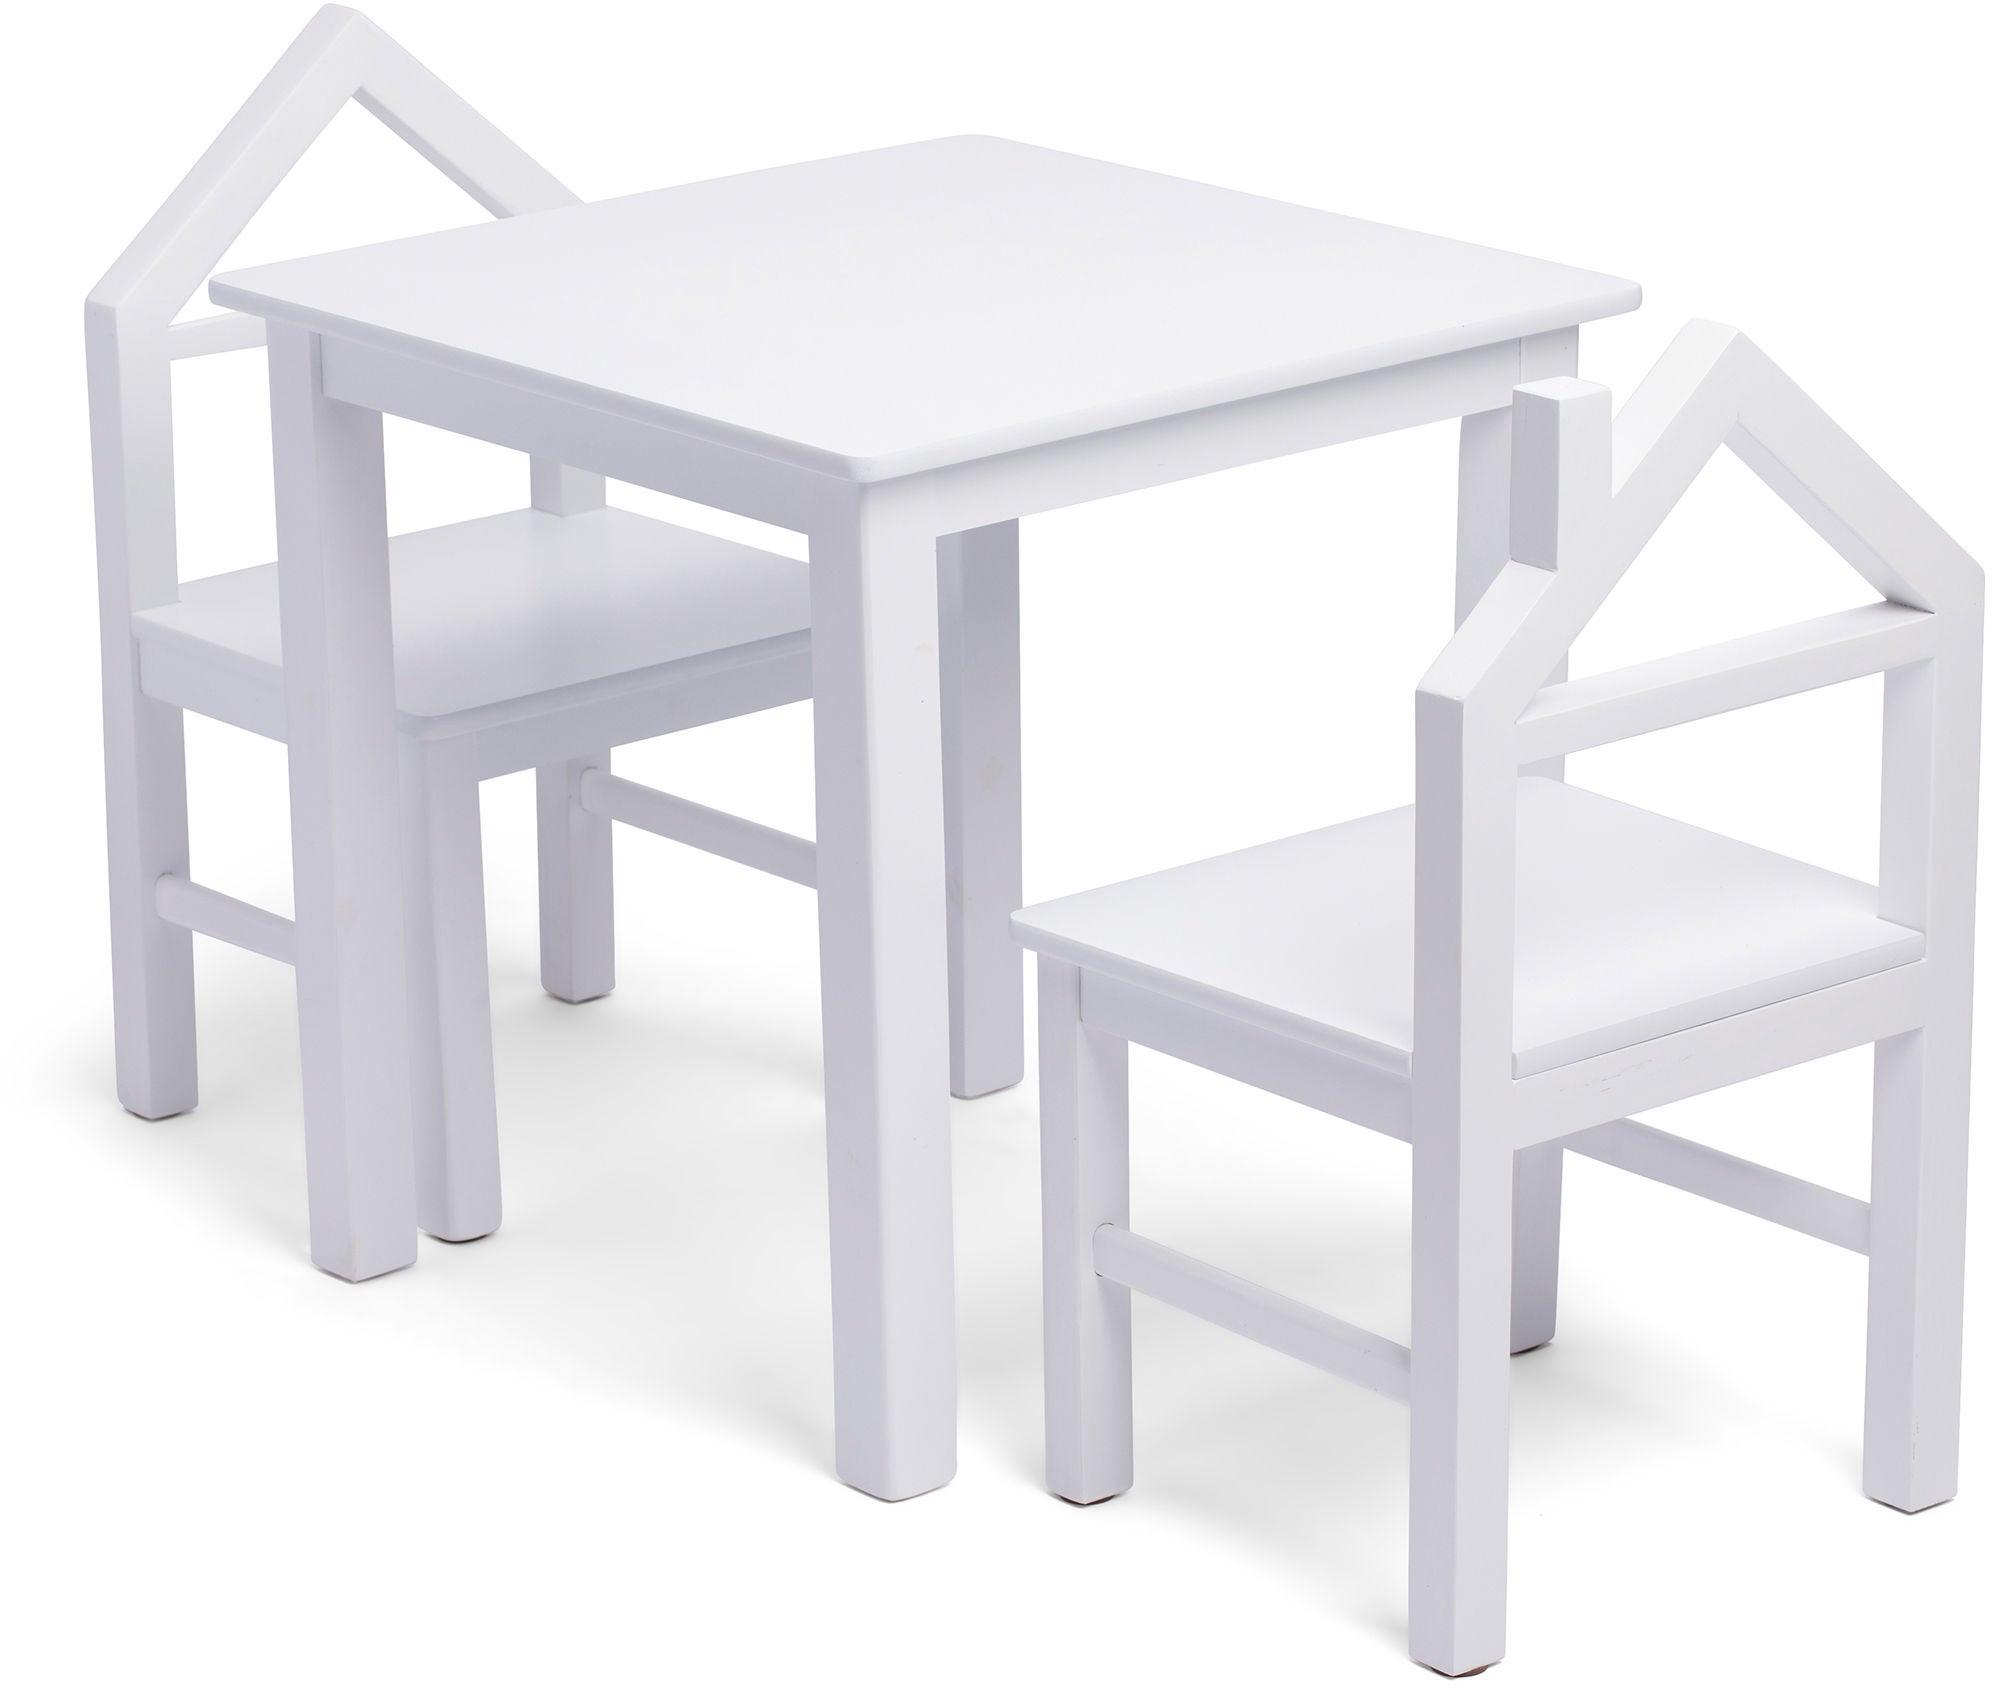 JLY House Pöytä + Tuolit, Valkoinen